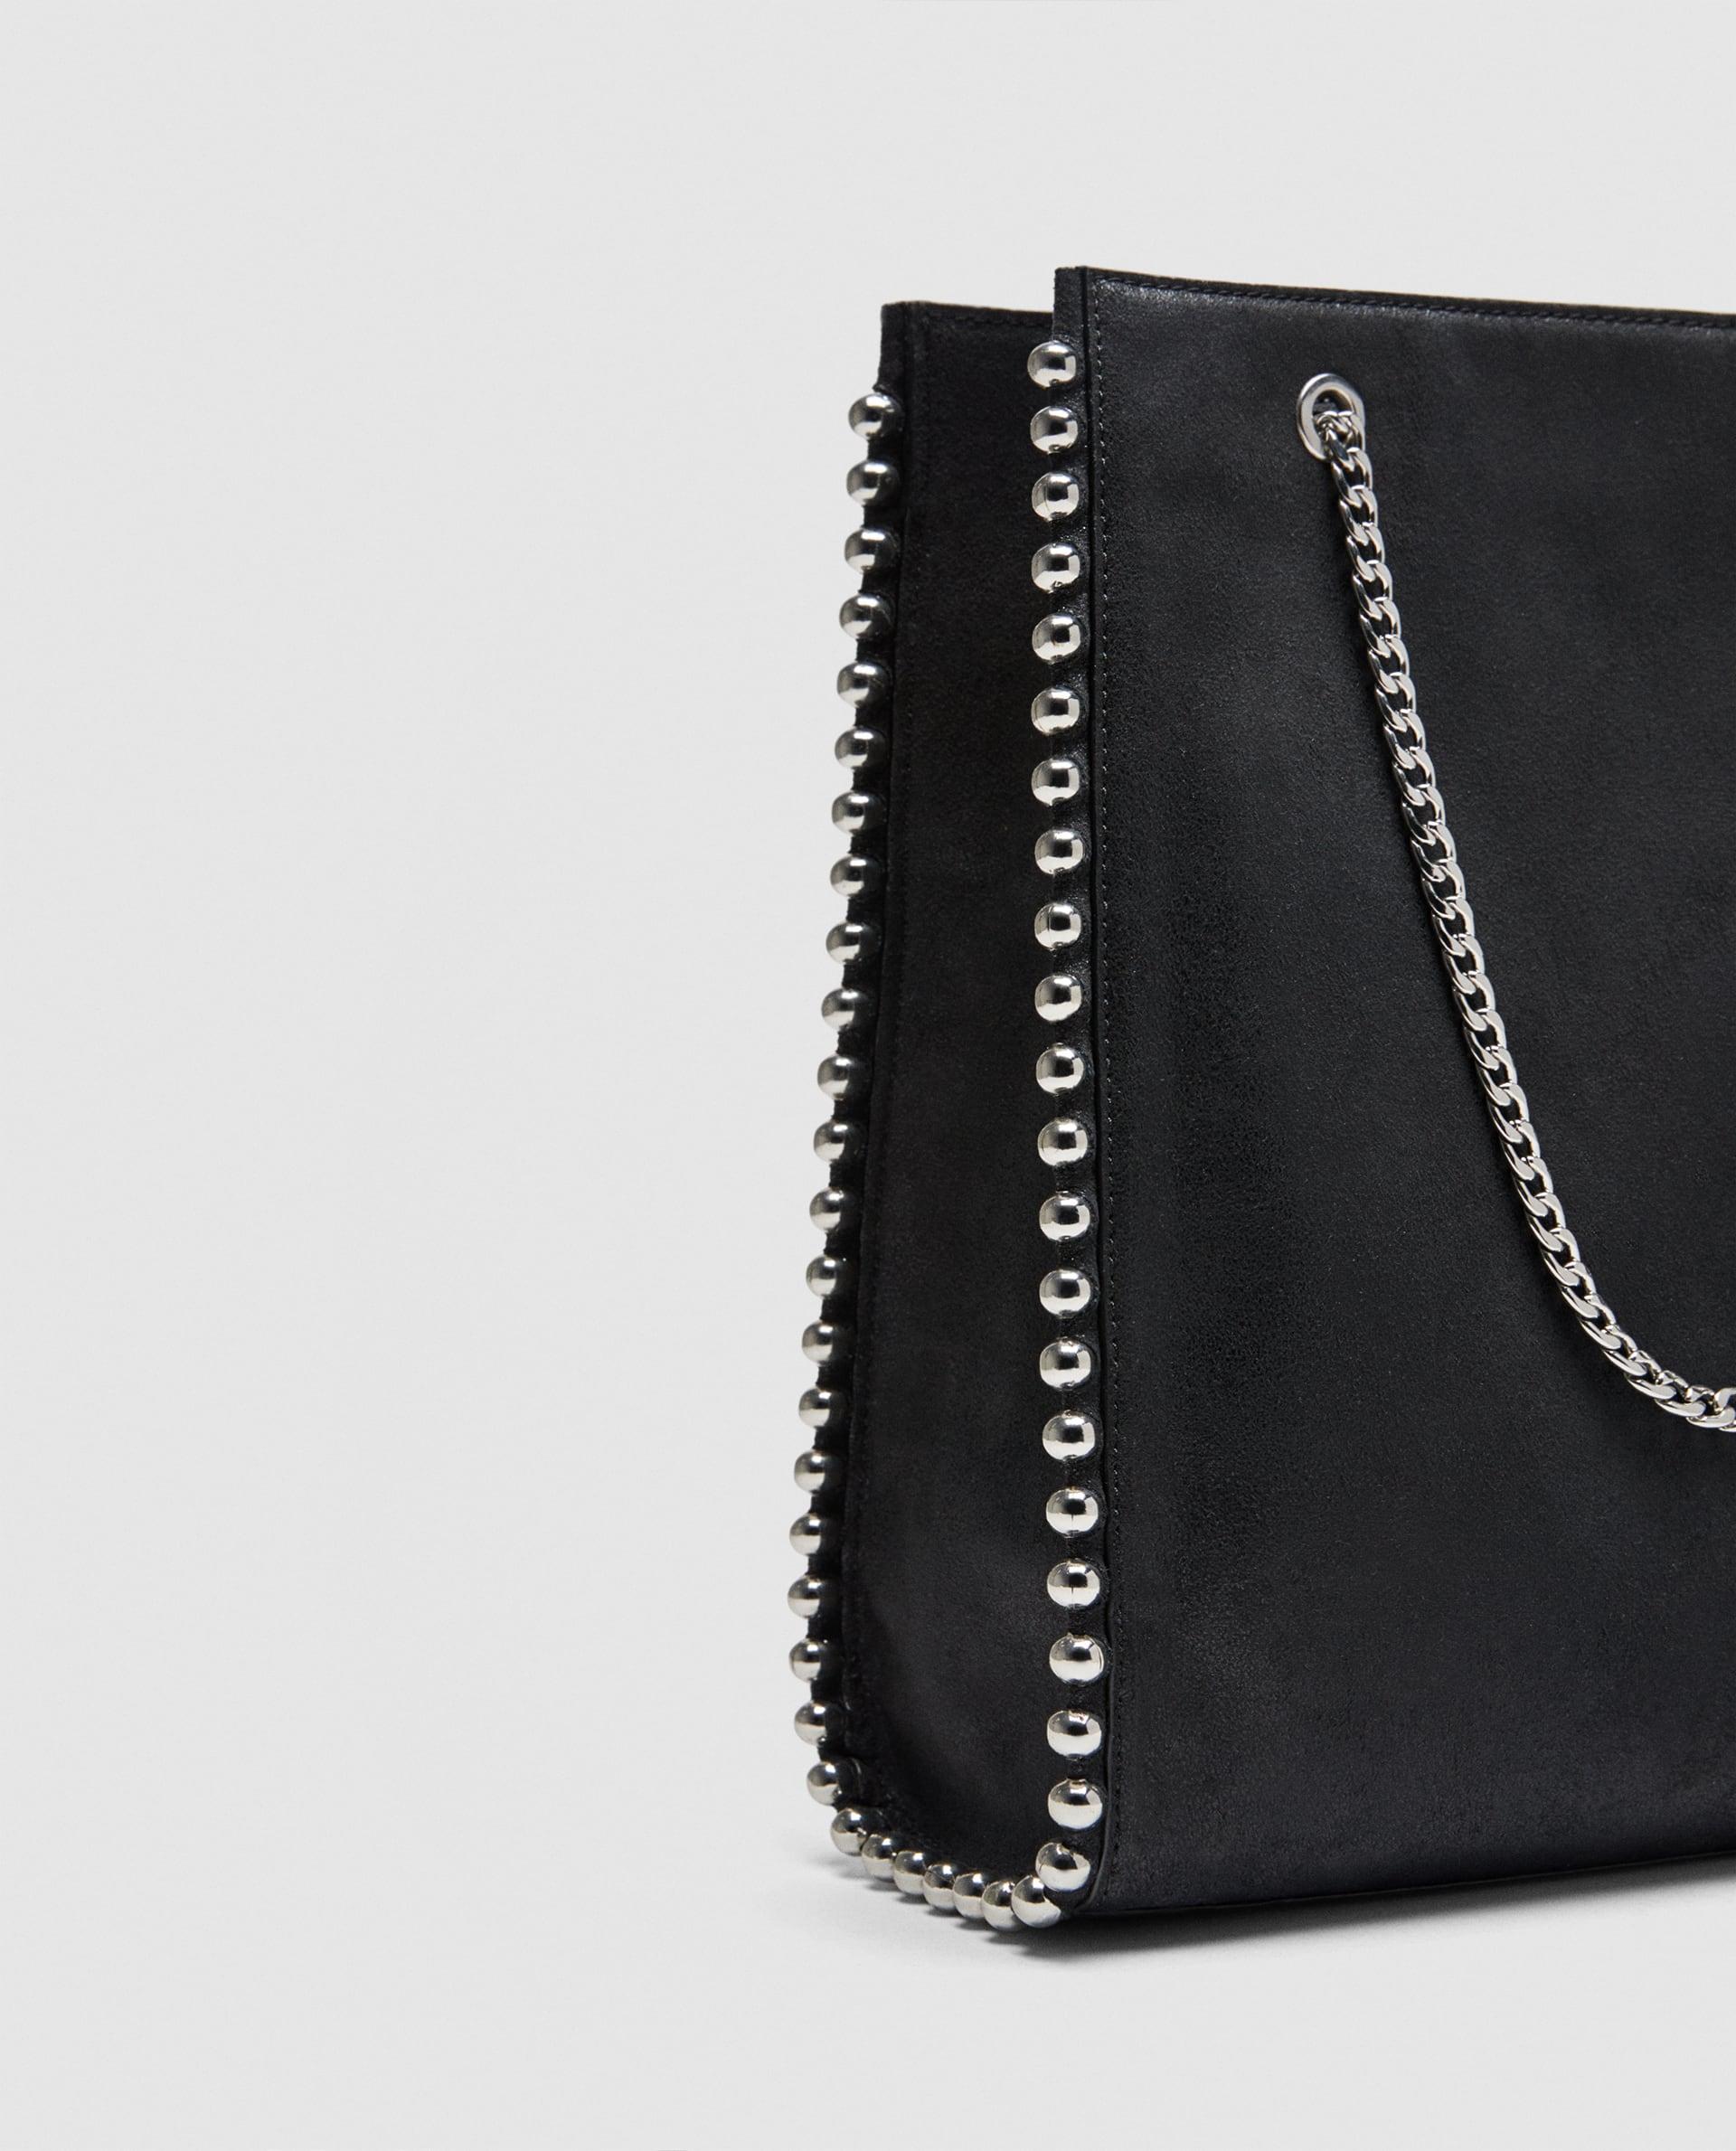 db1fcab0f0153 Zara mini torebka shopper z ćwiekami - 7612216402 - oficjalne ...